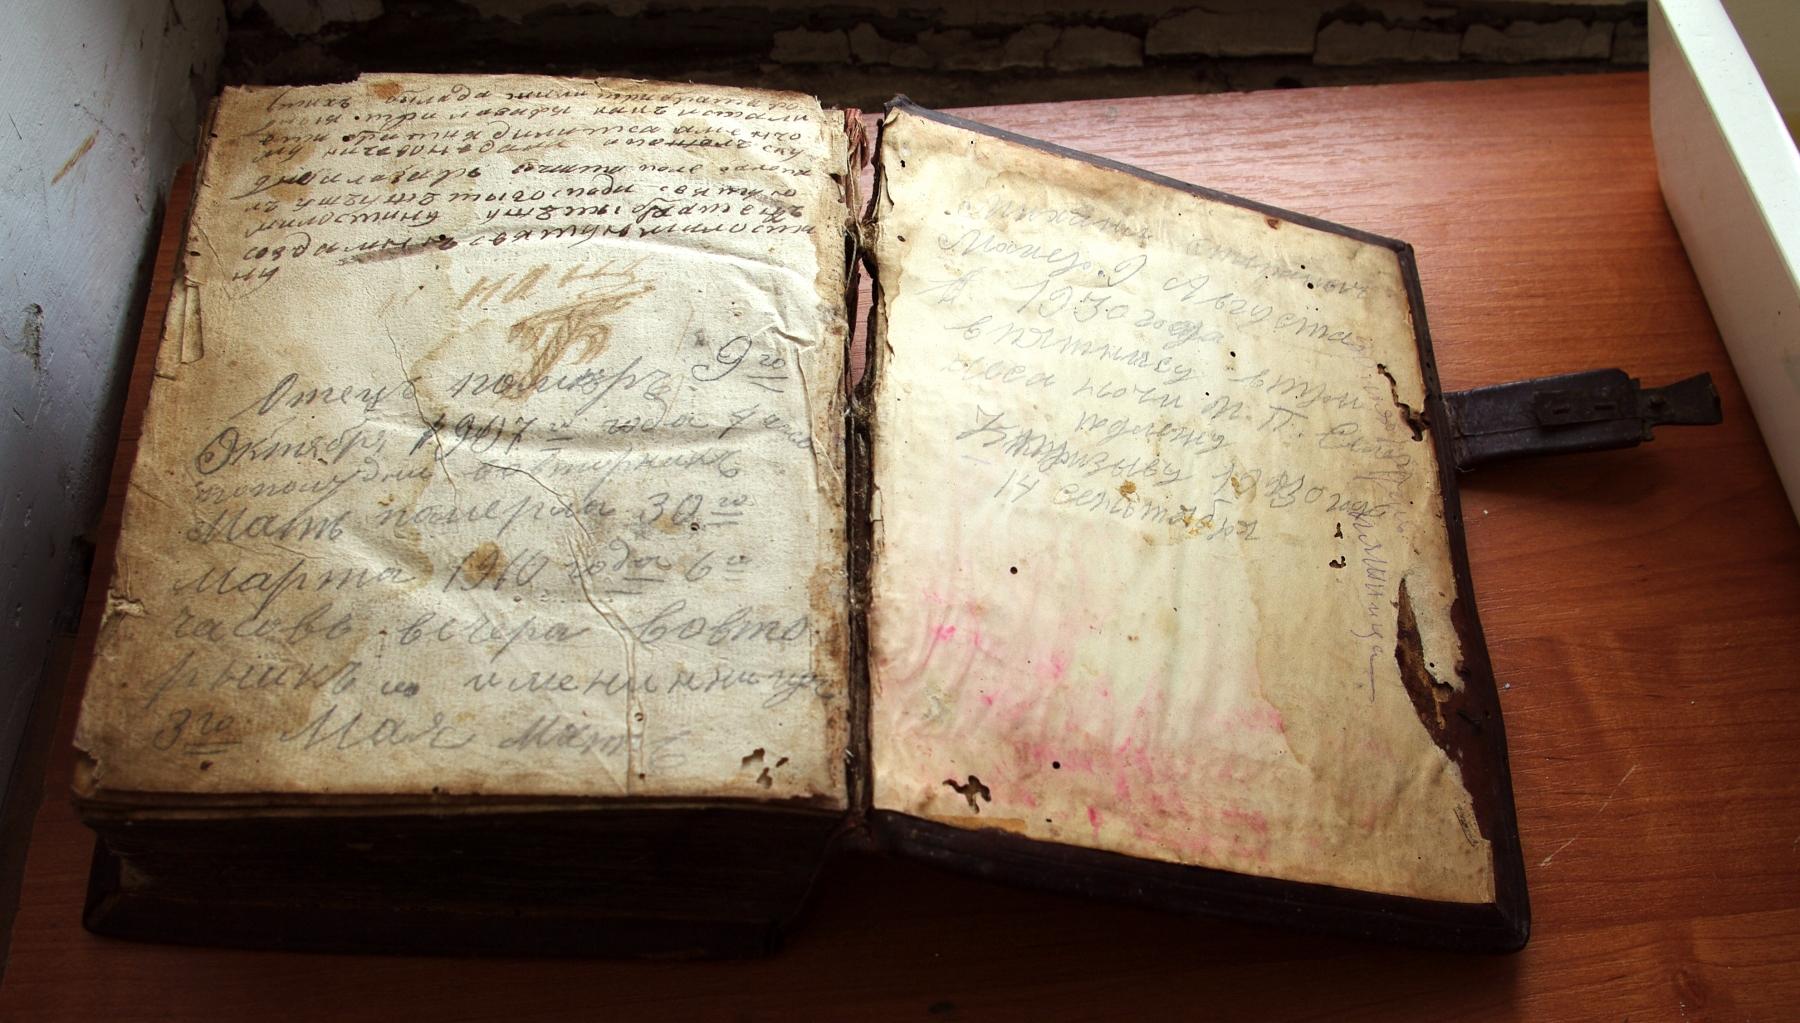 Псалтирь 19 века до реставрации. Последний лист и форзац.